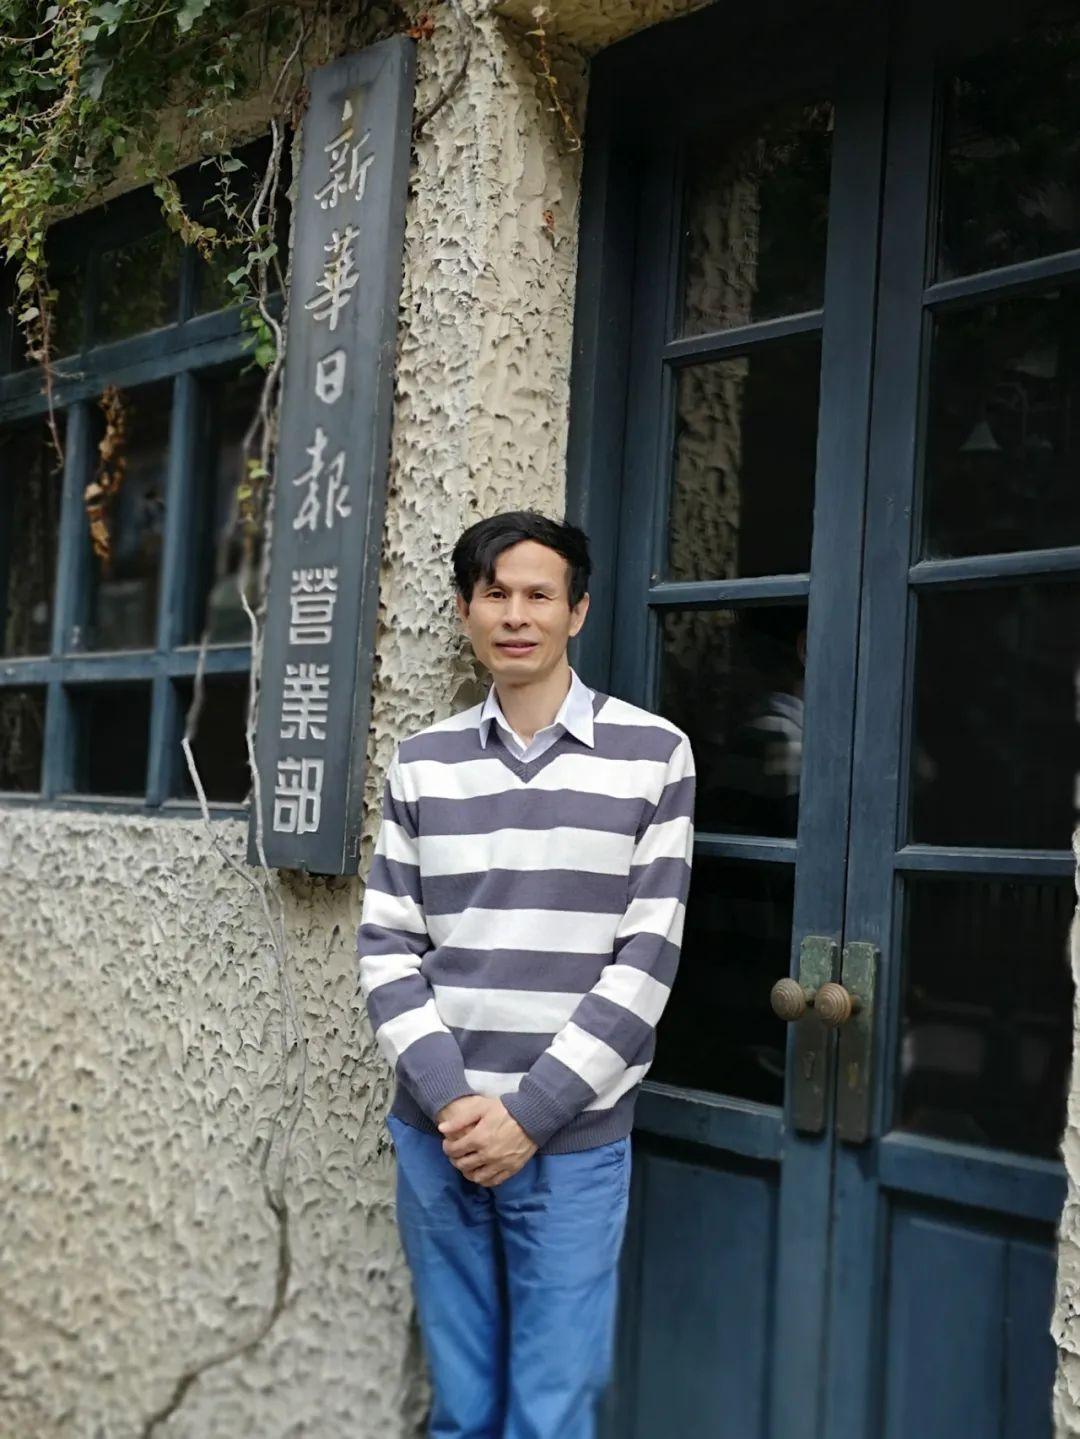 第四十届时报文学奖暨金沙书院散文奖获奖名单出炉!